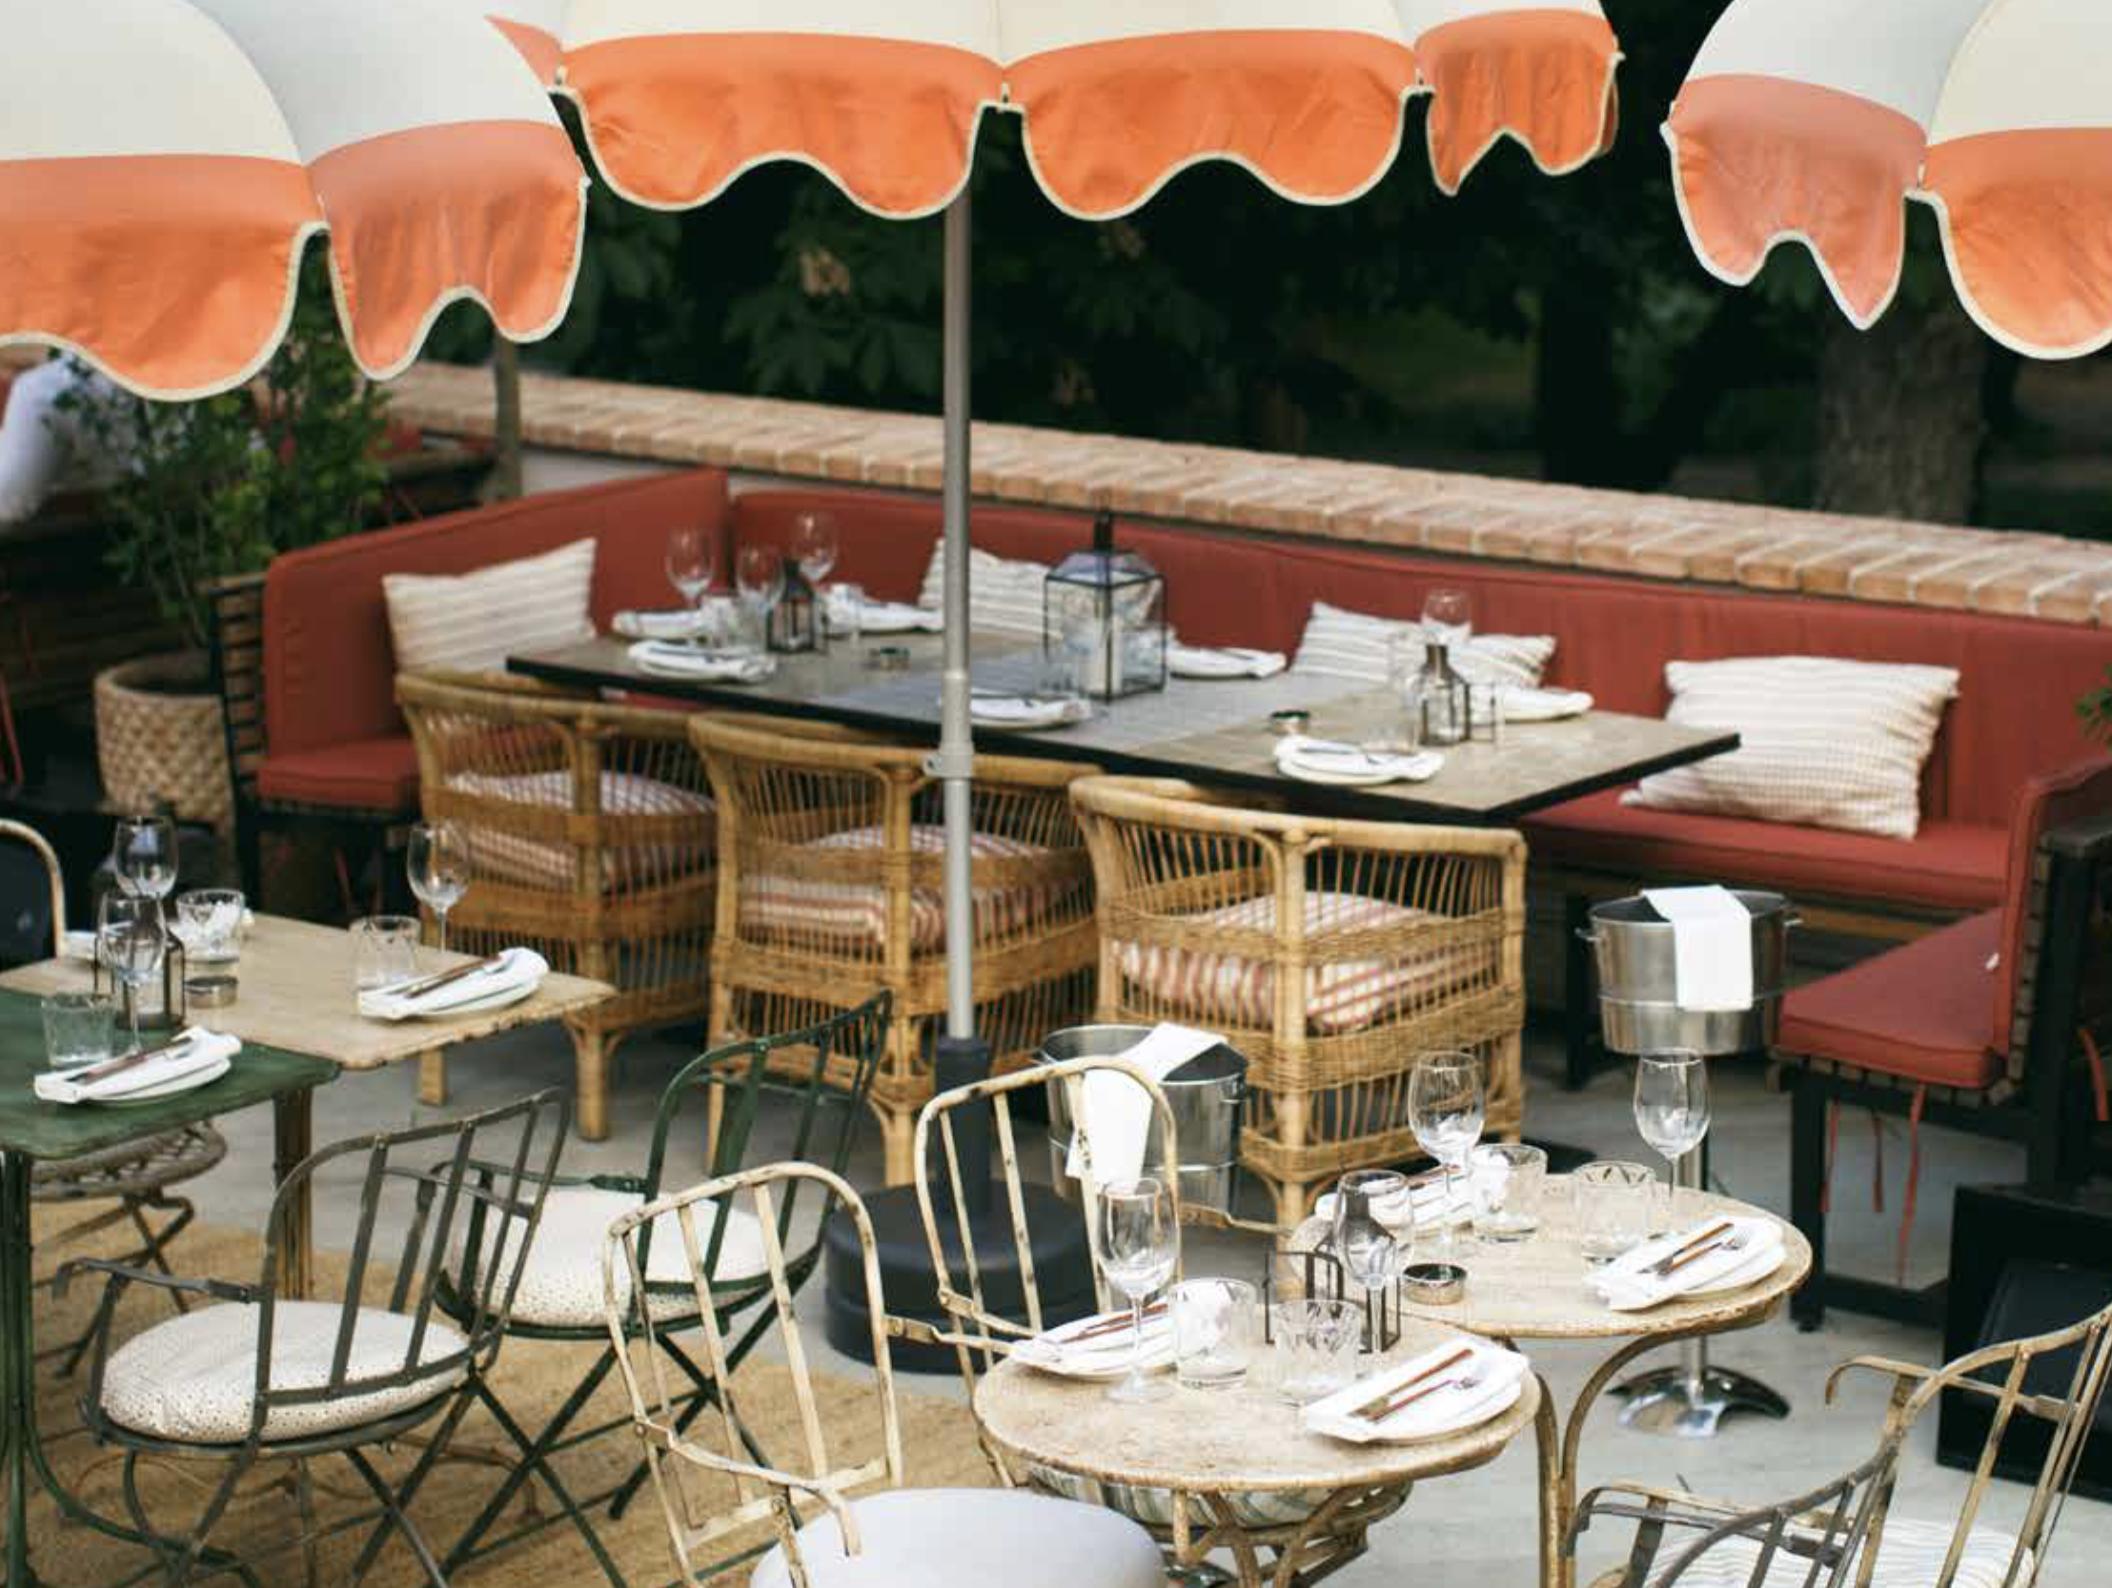 Nuevo Catalogo De Proyectos Contract Tuo Agency 2019 Tuo Muebles Para Restaurantes Proyectos Mobiliario